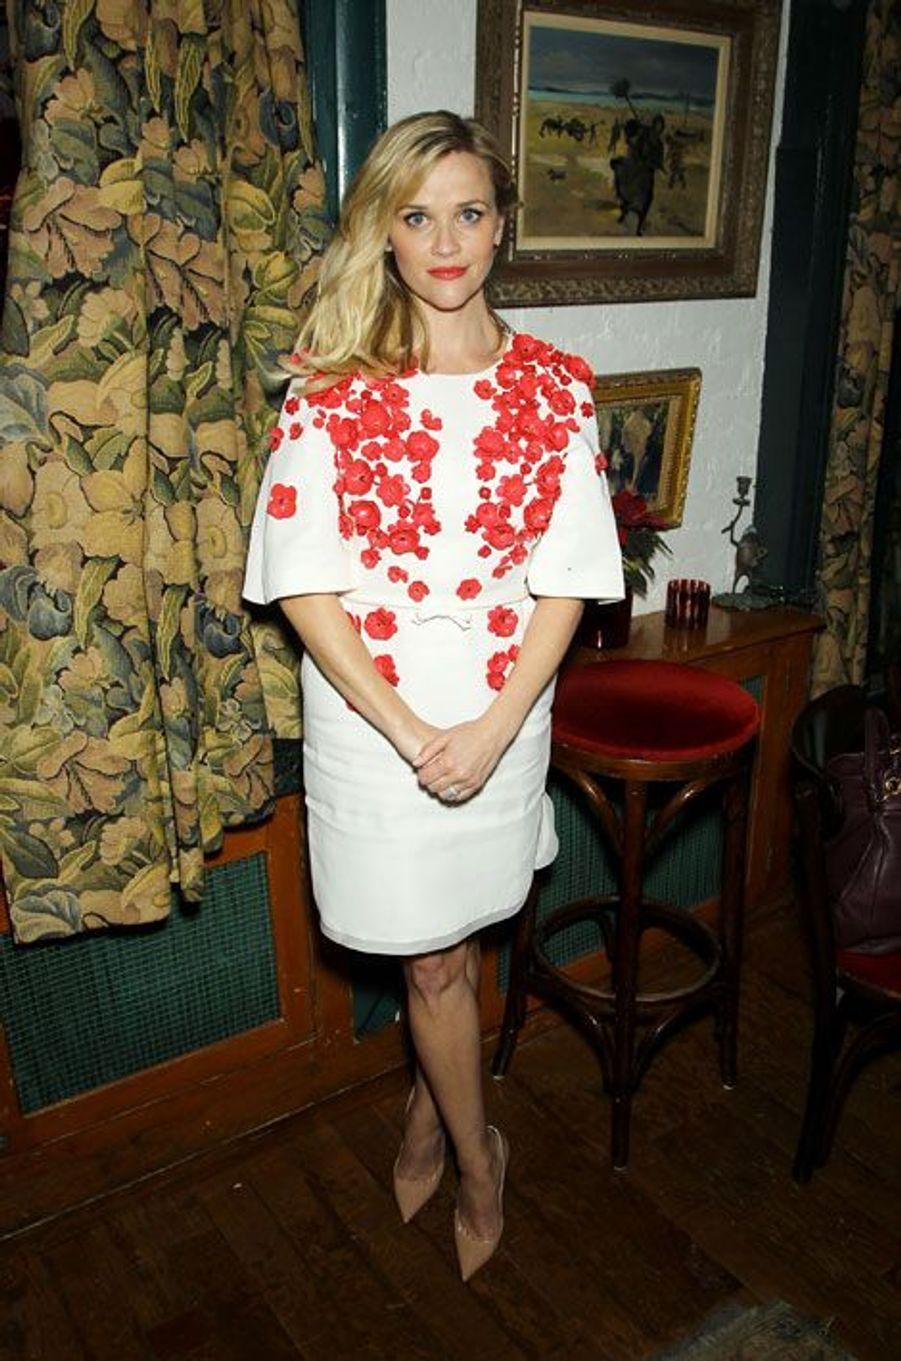 L'actrice Reese Witherspoon dans une robe blanche à coquelicots à new York, le 3 décembre 2014